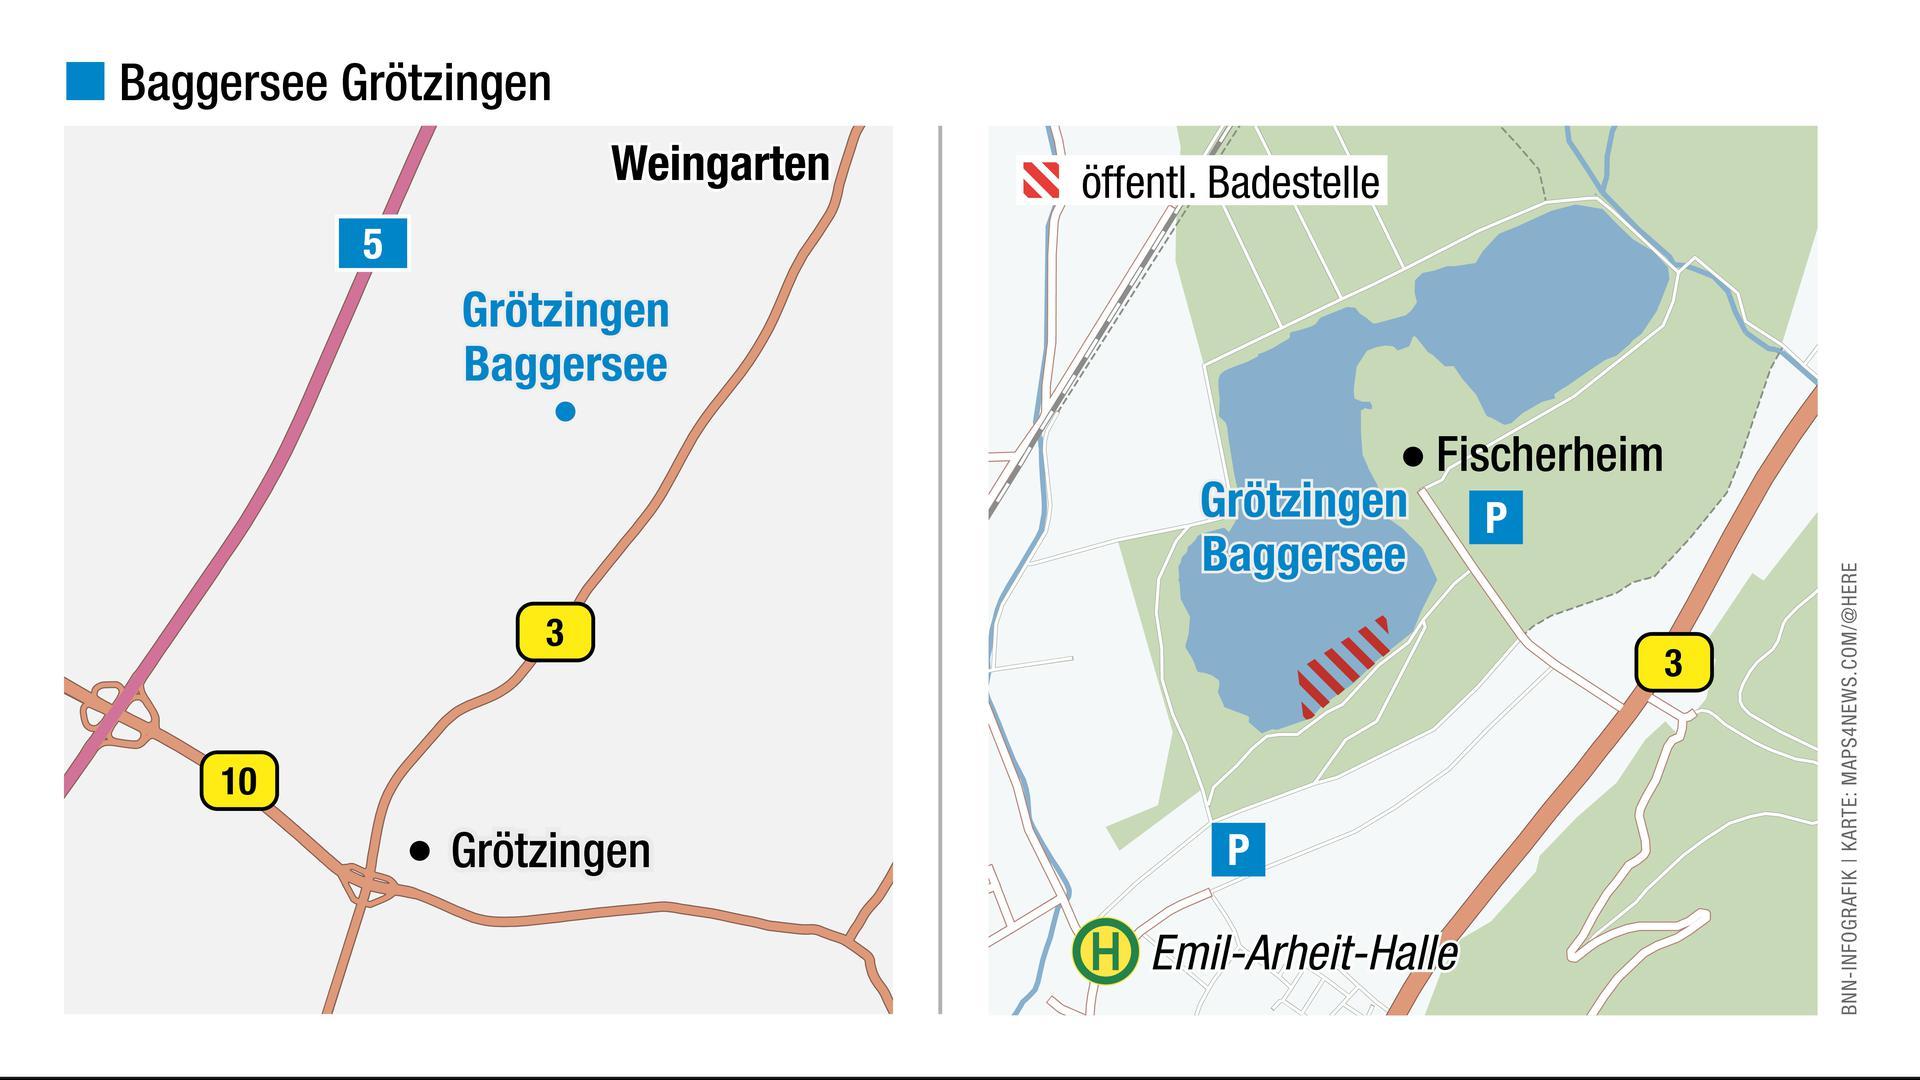 Blick auf die Karte: Hier liegt der Baggersee Grötzingen.